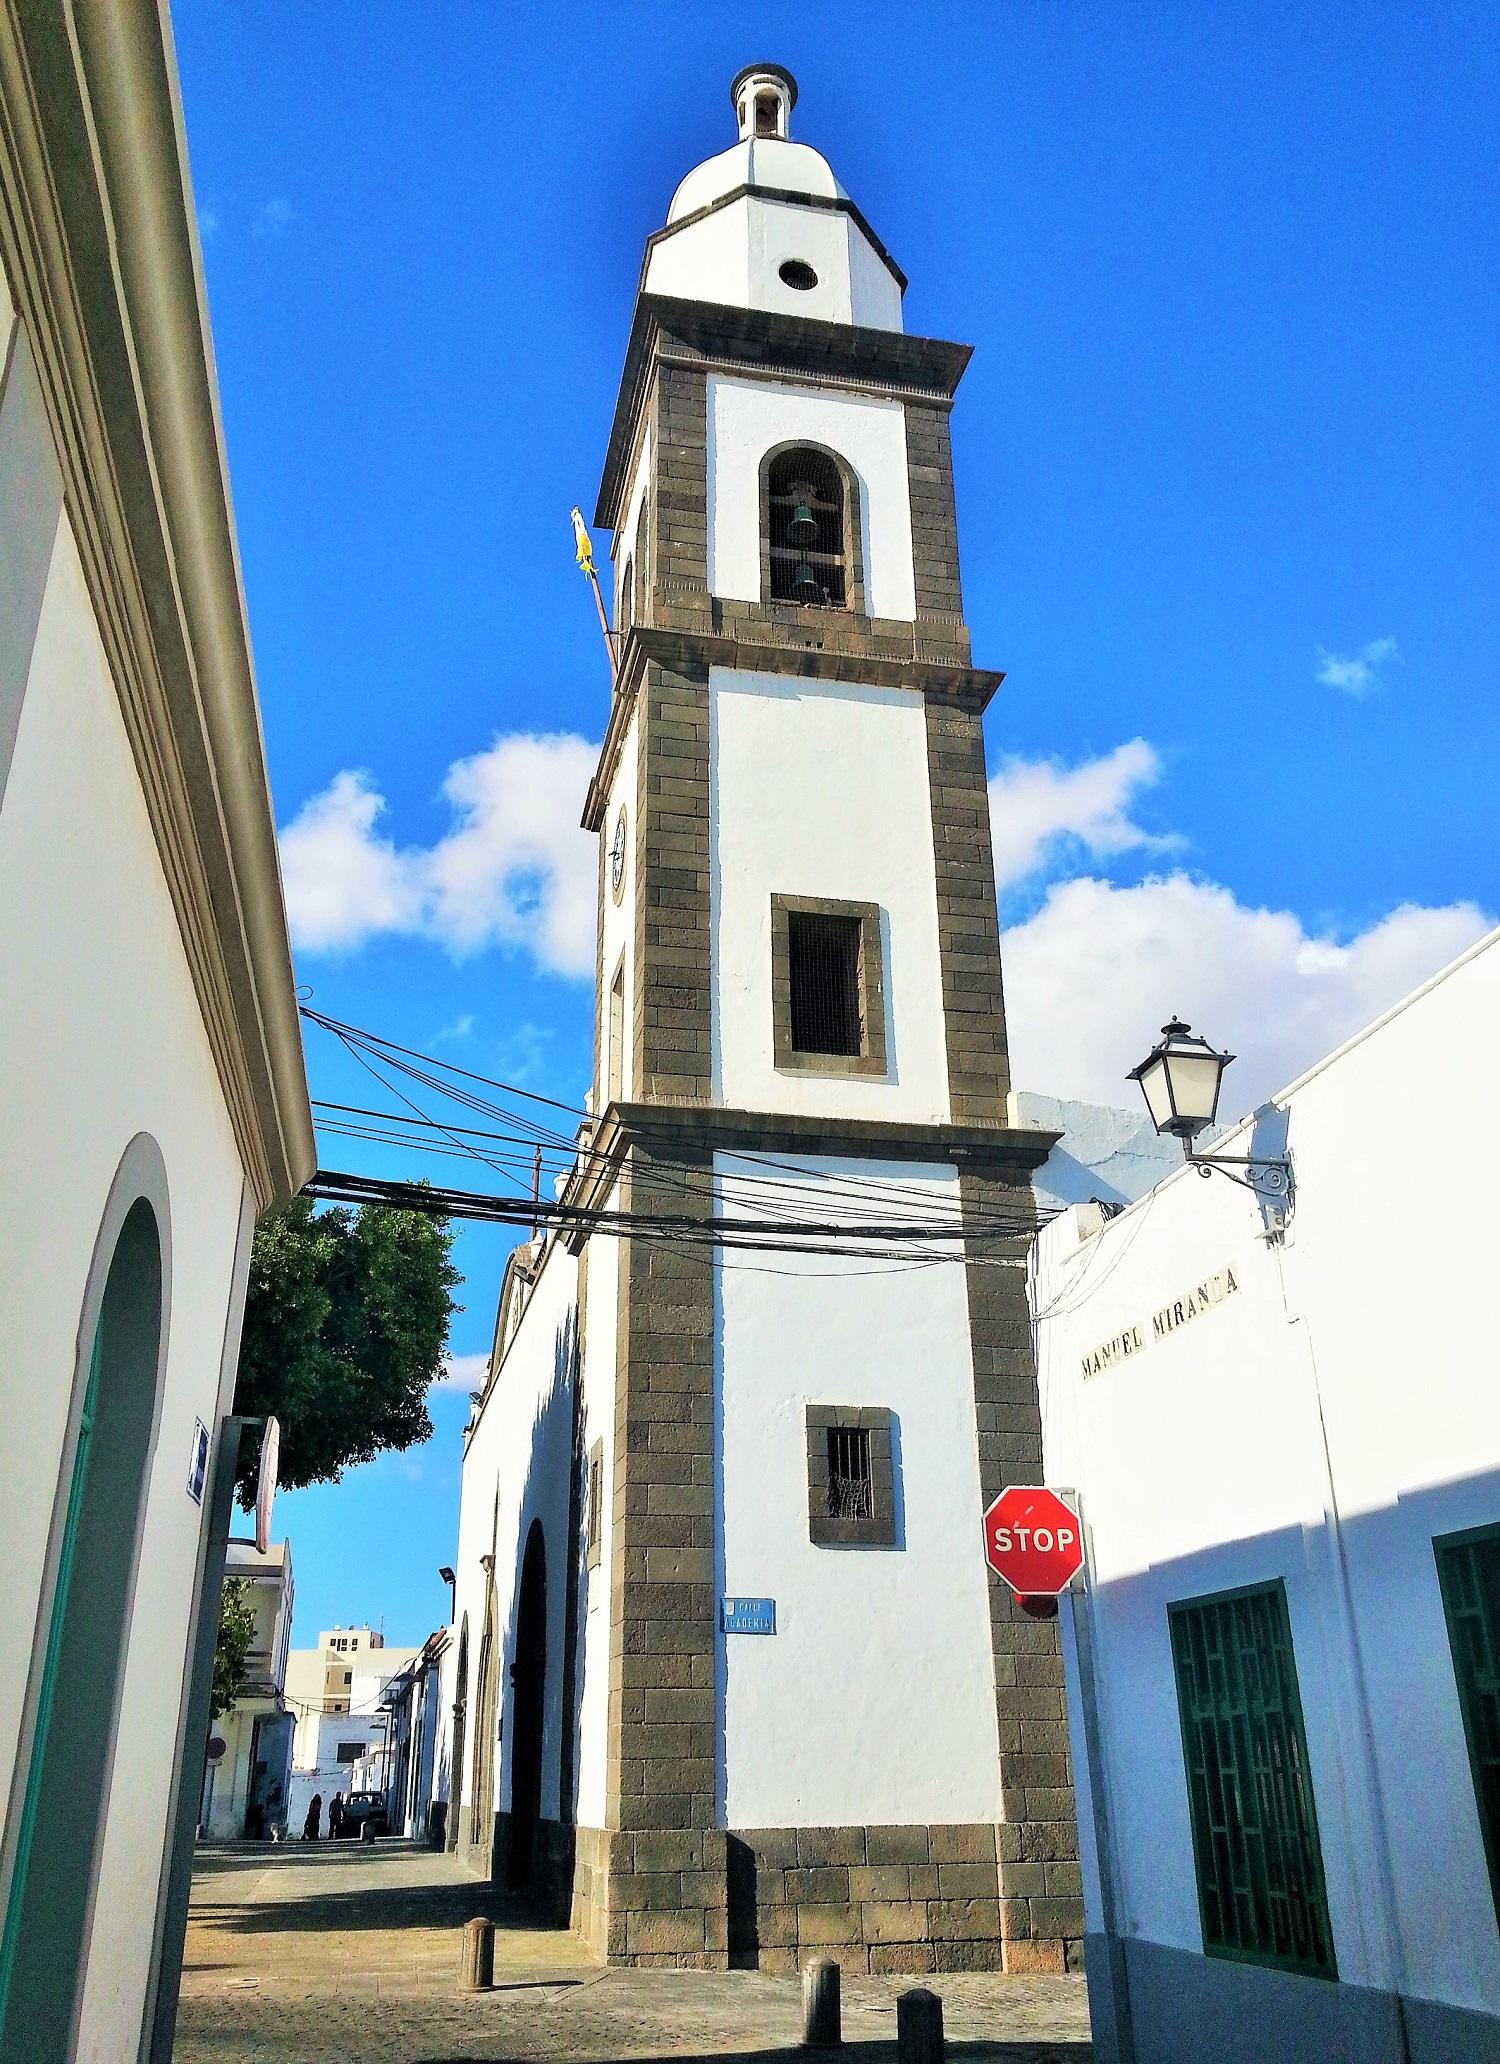 La iglesia es uno de los edificios más prestigioso de Arrecife